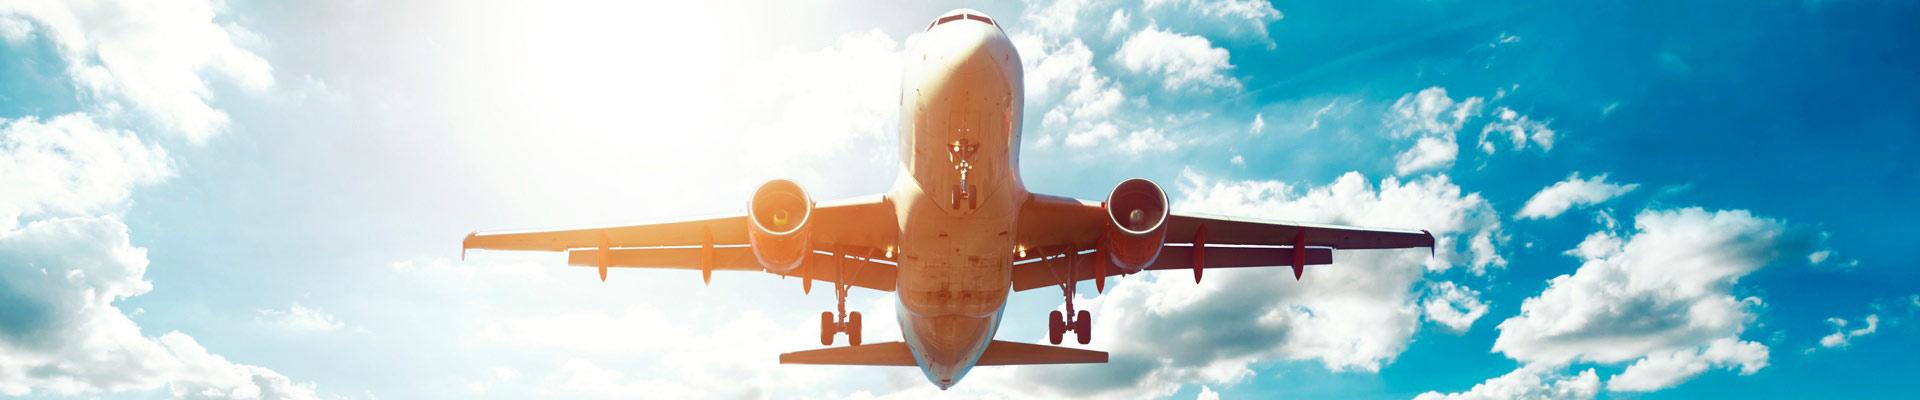 Reiserücktrittsversicherung für Flugreisen - Titelbild